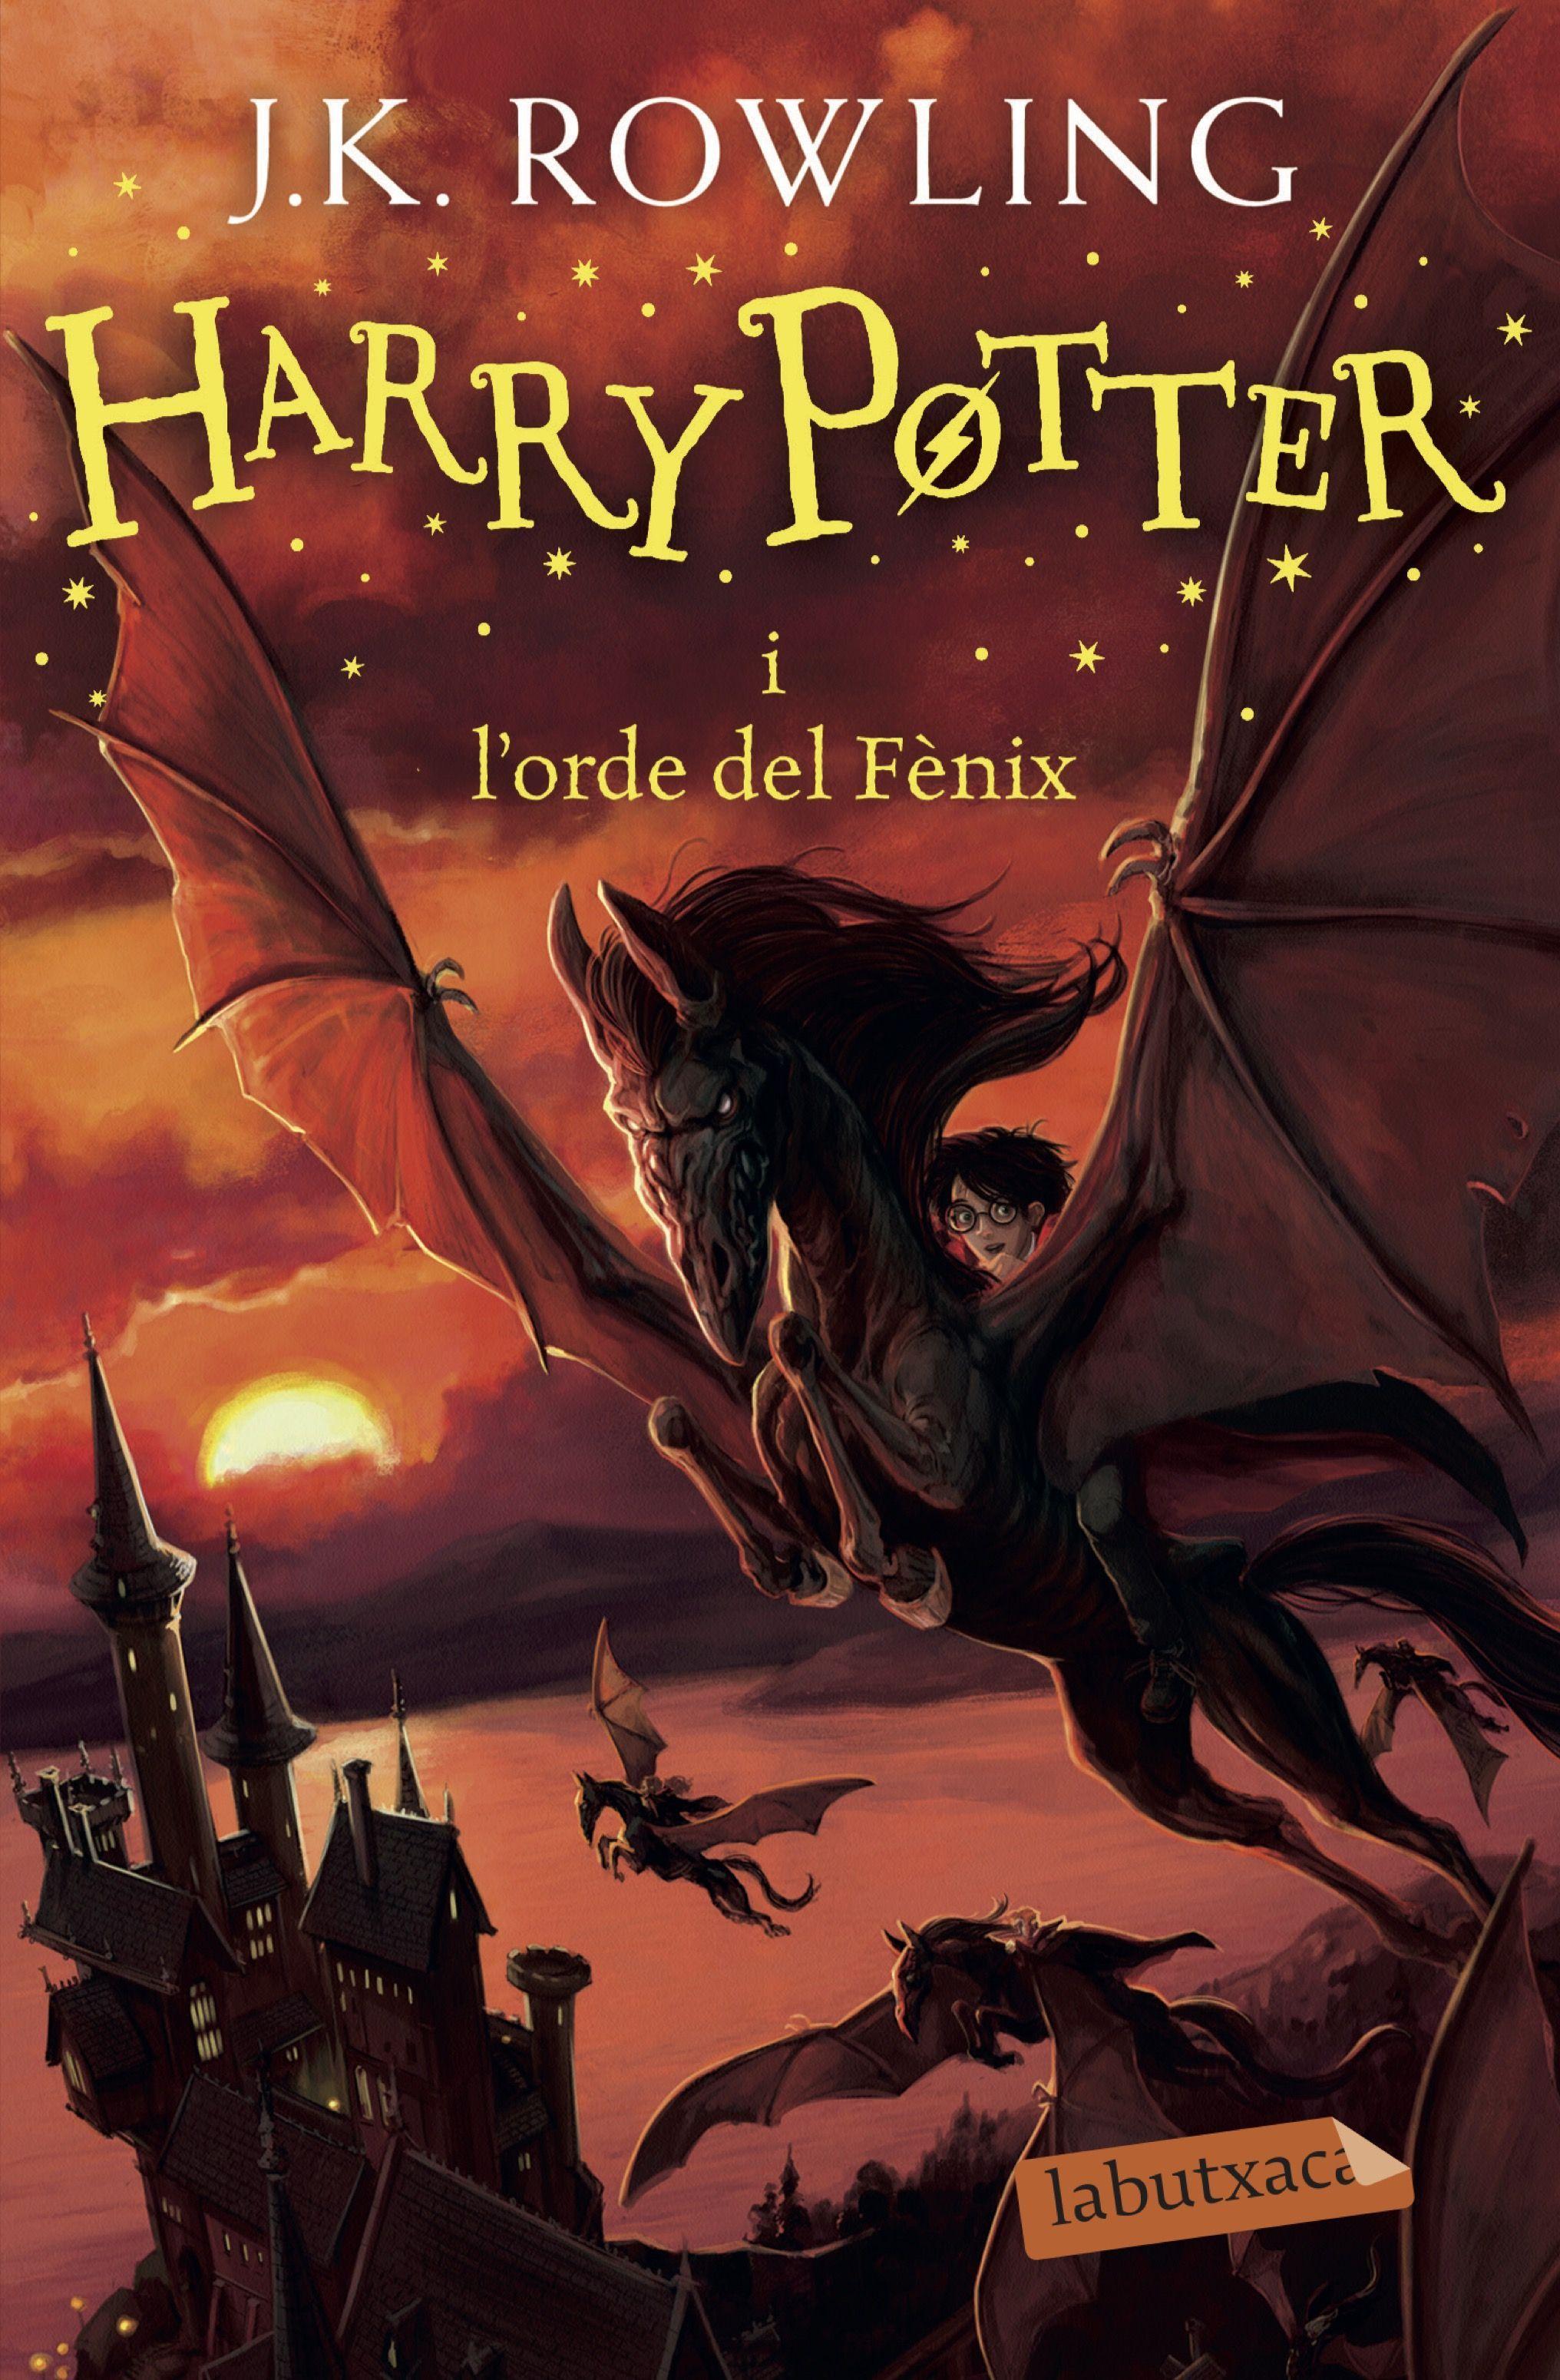 HARRY POTTER I L ORDE DEL FENIX